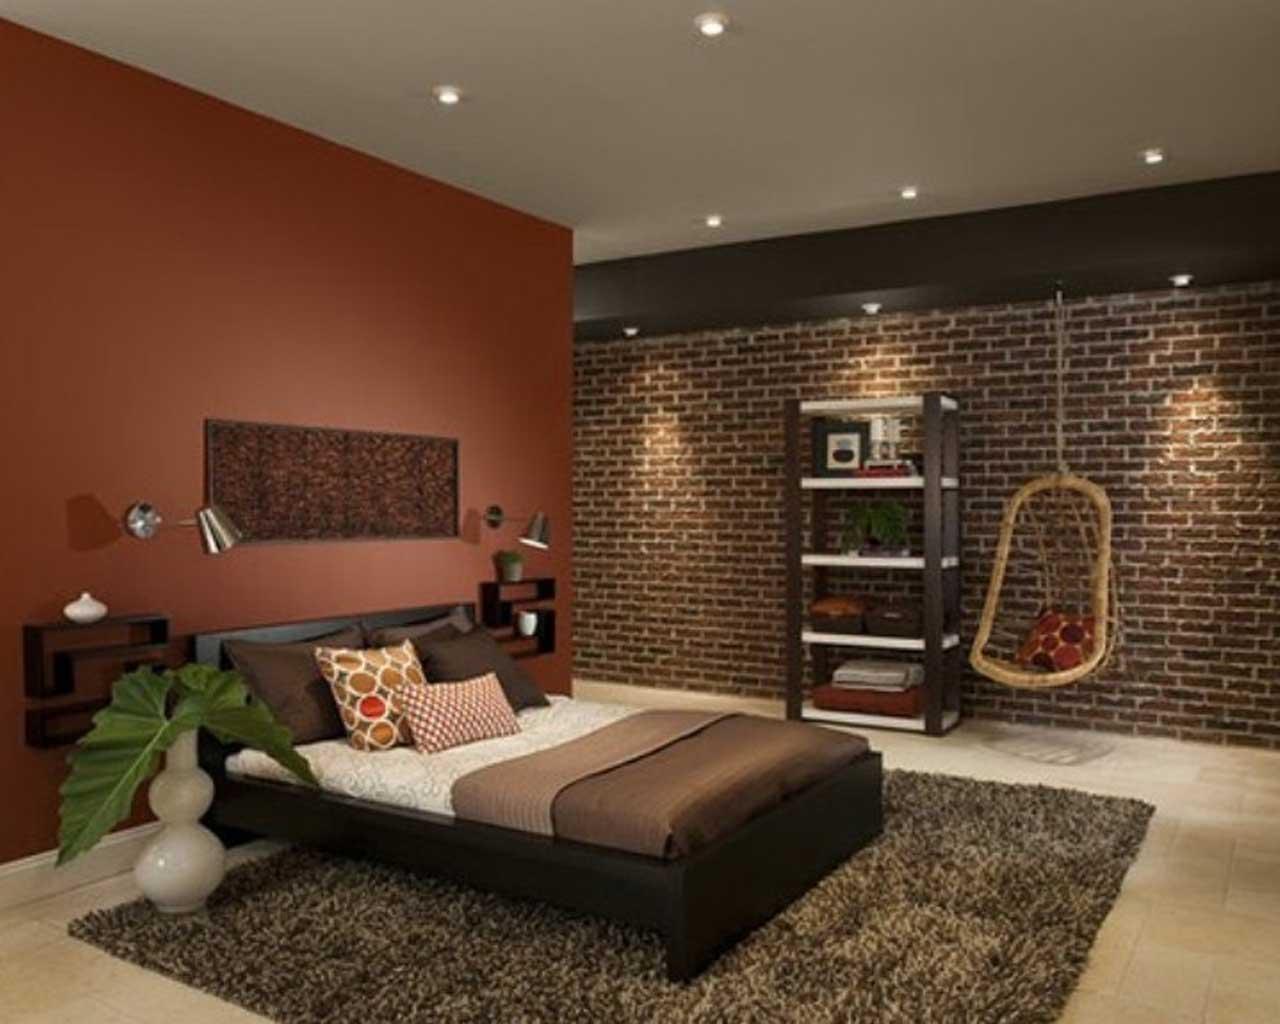 #AC351F Chambre Parentale: 36 Idées Pour L'organiser Et La Sublimer 2883 photos chambre parental design 1280x1024 px @ aertt.com